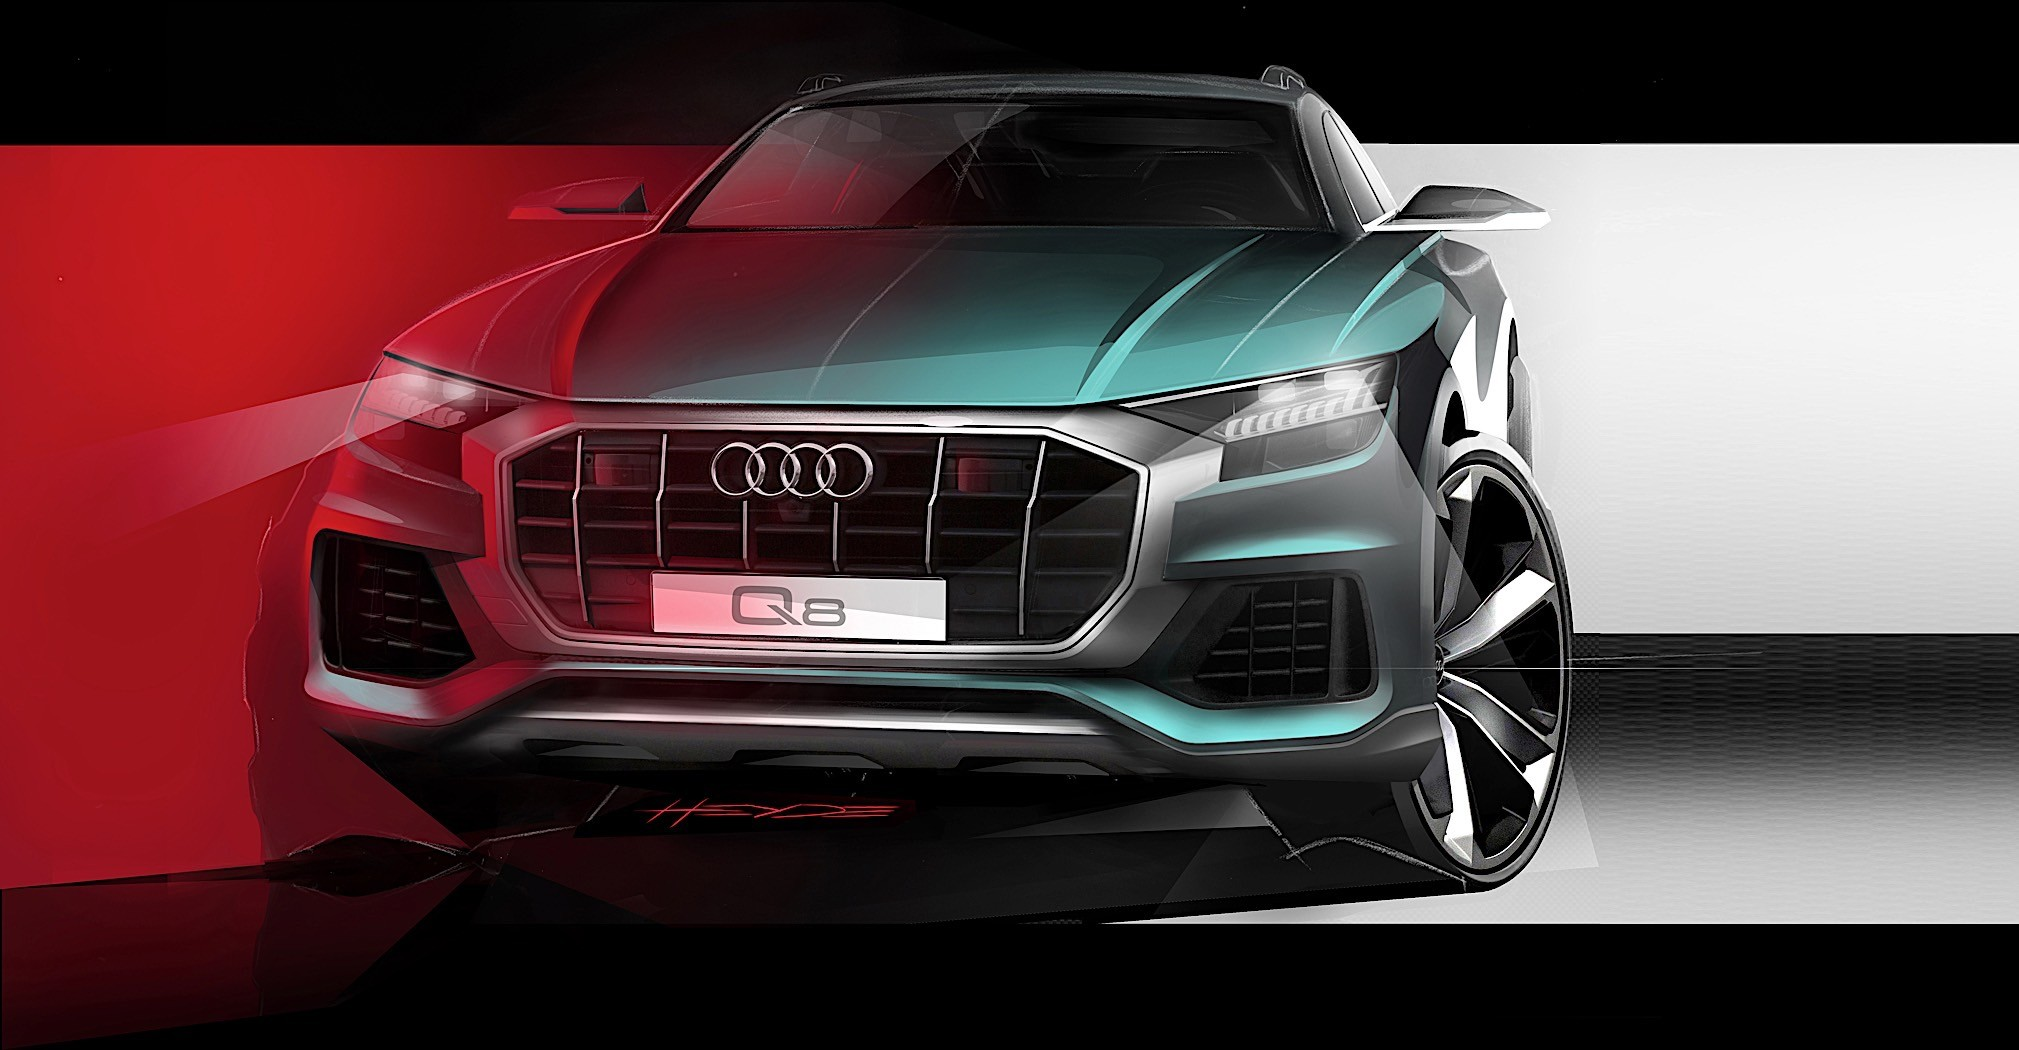 Audi Q8 Revealed With Mild Hybrid And Autonomous Garage Parking